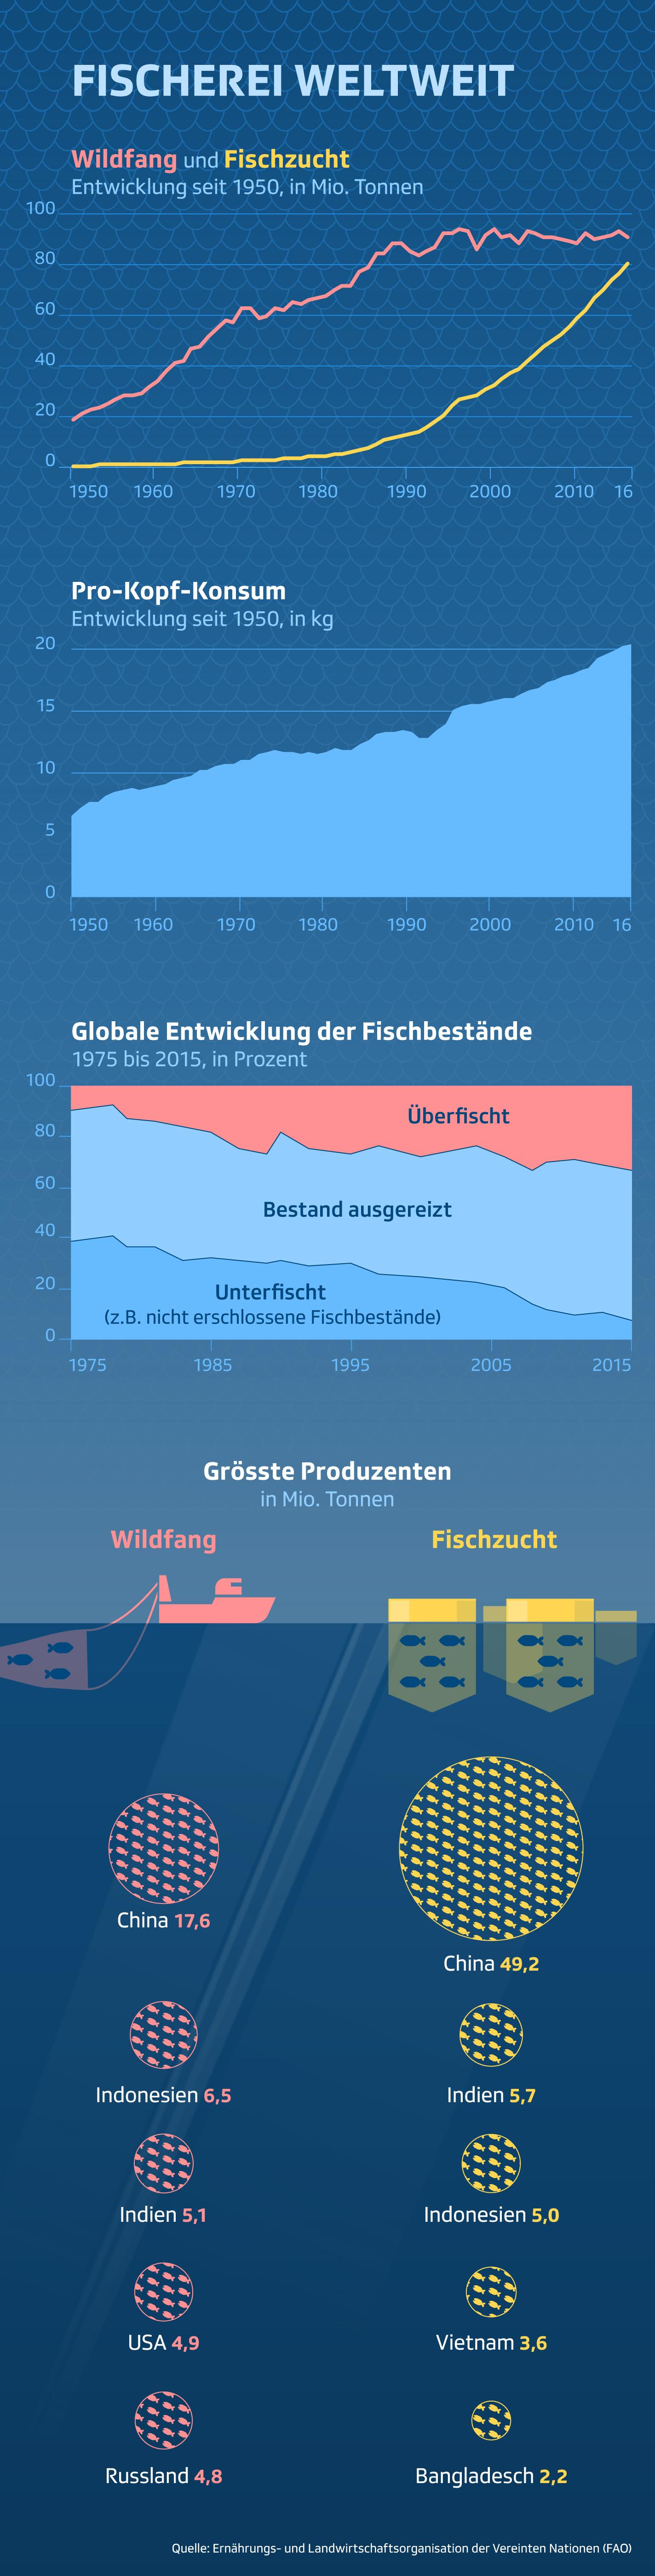 Weltweite Fischproduktion